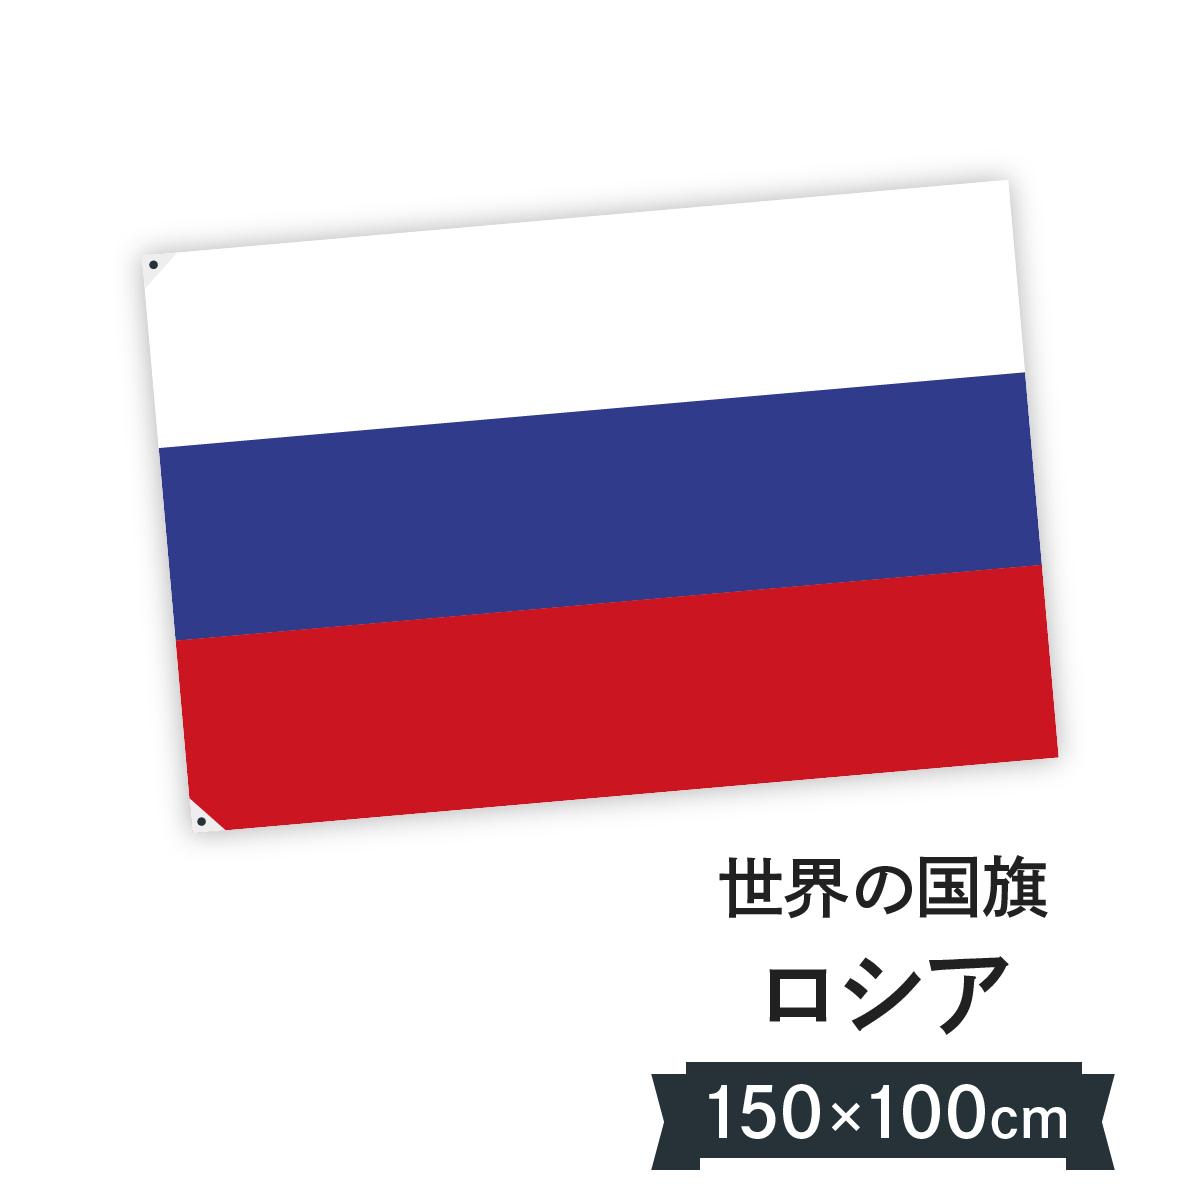 ロシア連邦 国旗 W150cm H100cm:グッズプロ